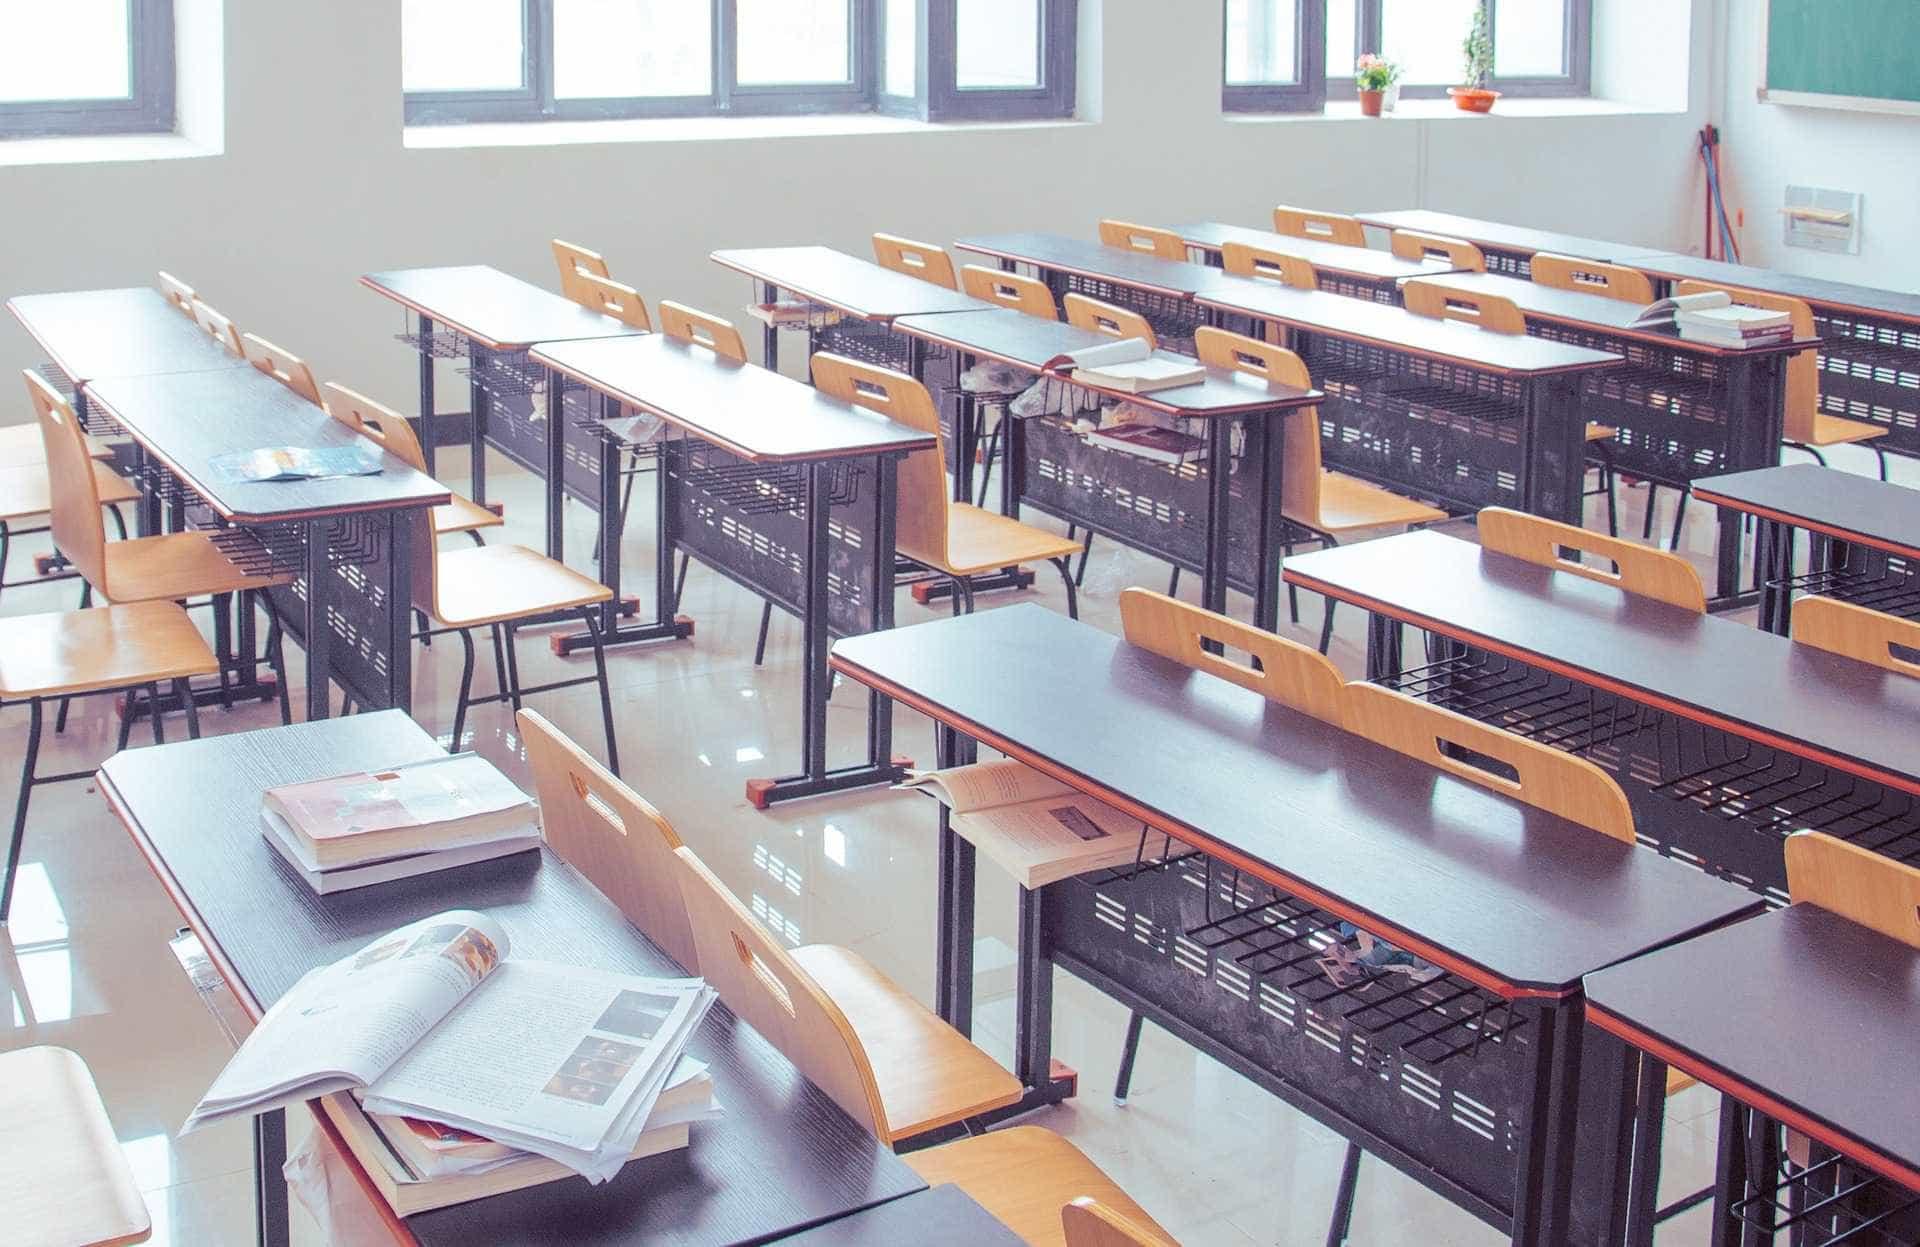 Reajuste de mensalidades em escolas em SP deve ficar entre 5% e 7%